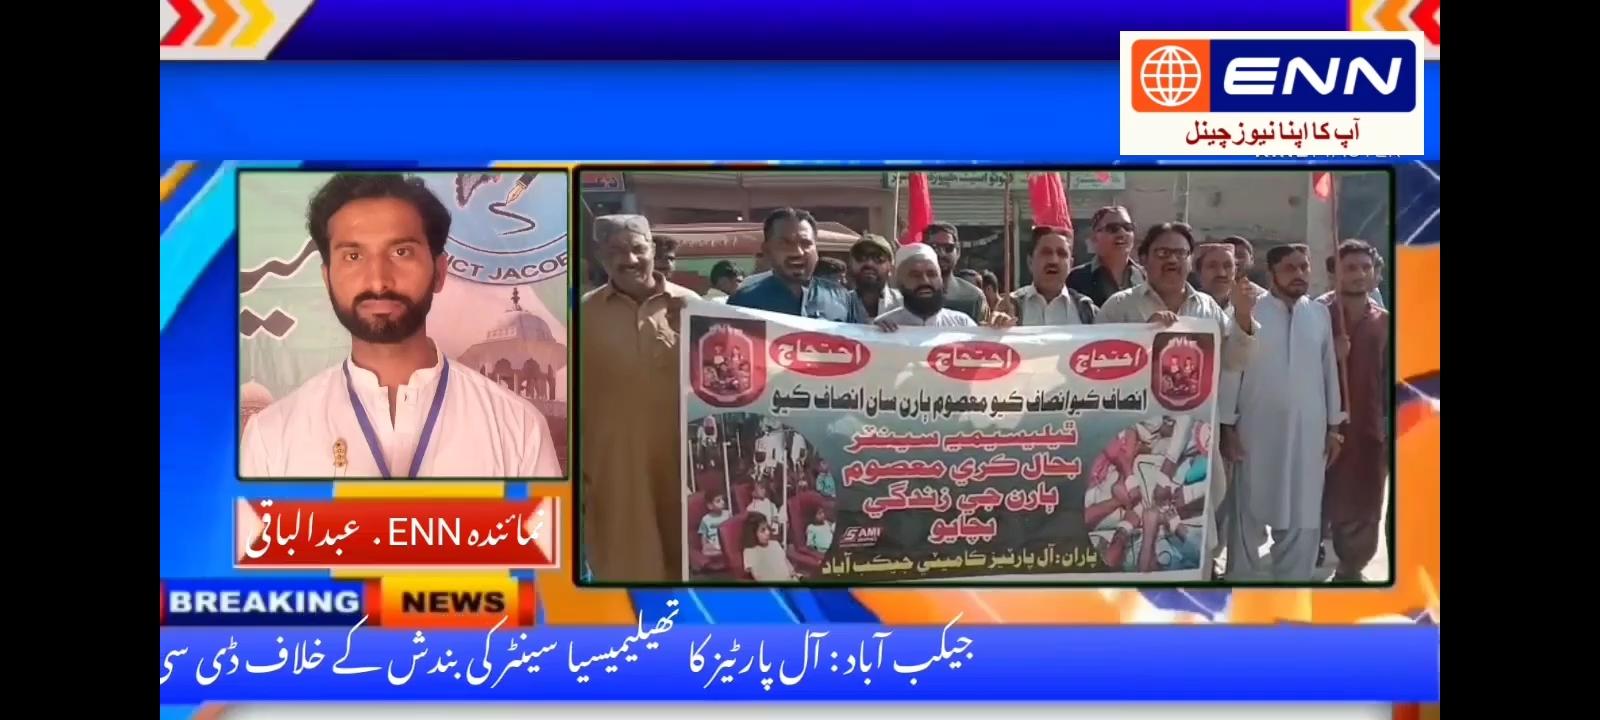 جیکب آباد :  آل پارٹیز کا تھیلیمیسیا سینٹر کی بندش کے خلاف ڈی سی او گیٹ پر احتجاج سخت نعرہ بازی